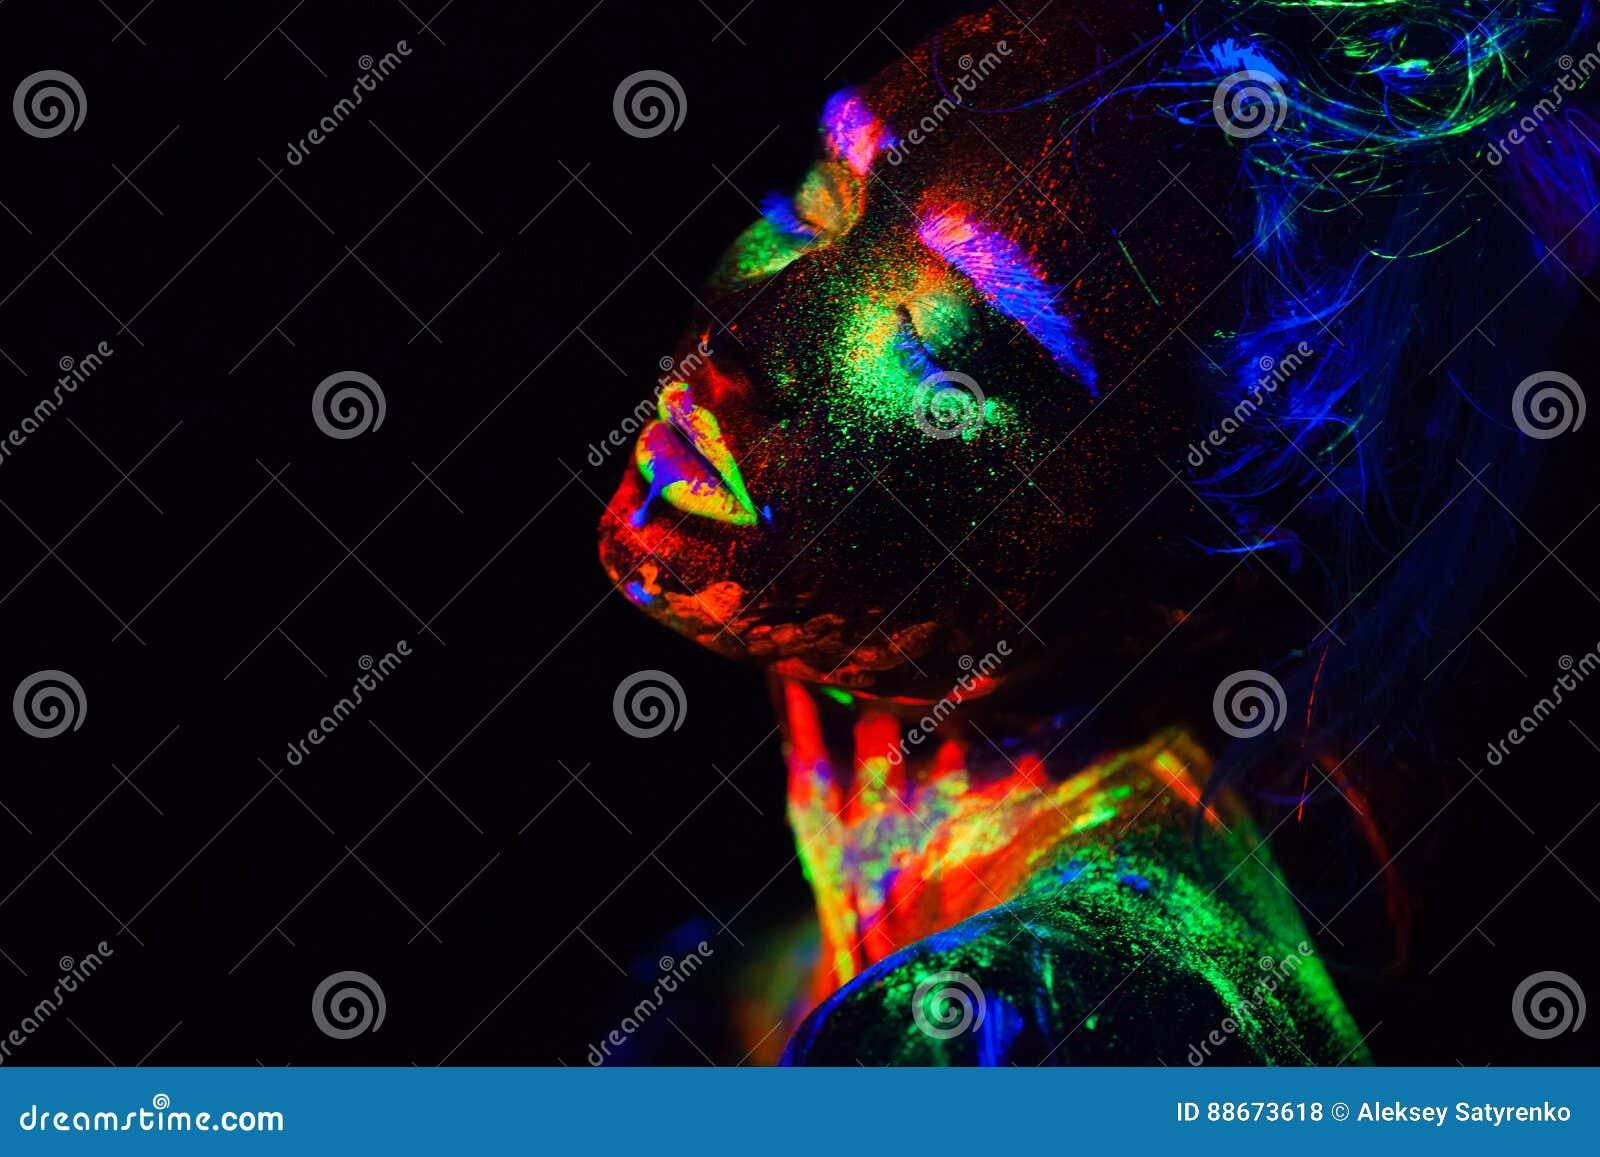 Bella donna di modello extraterrestra alla luce al neon È ritratto di bello modello con trucco fluorescente, arte